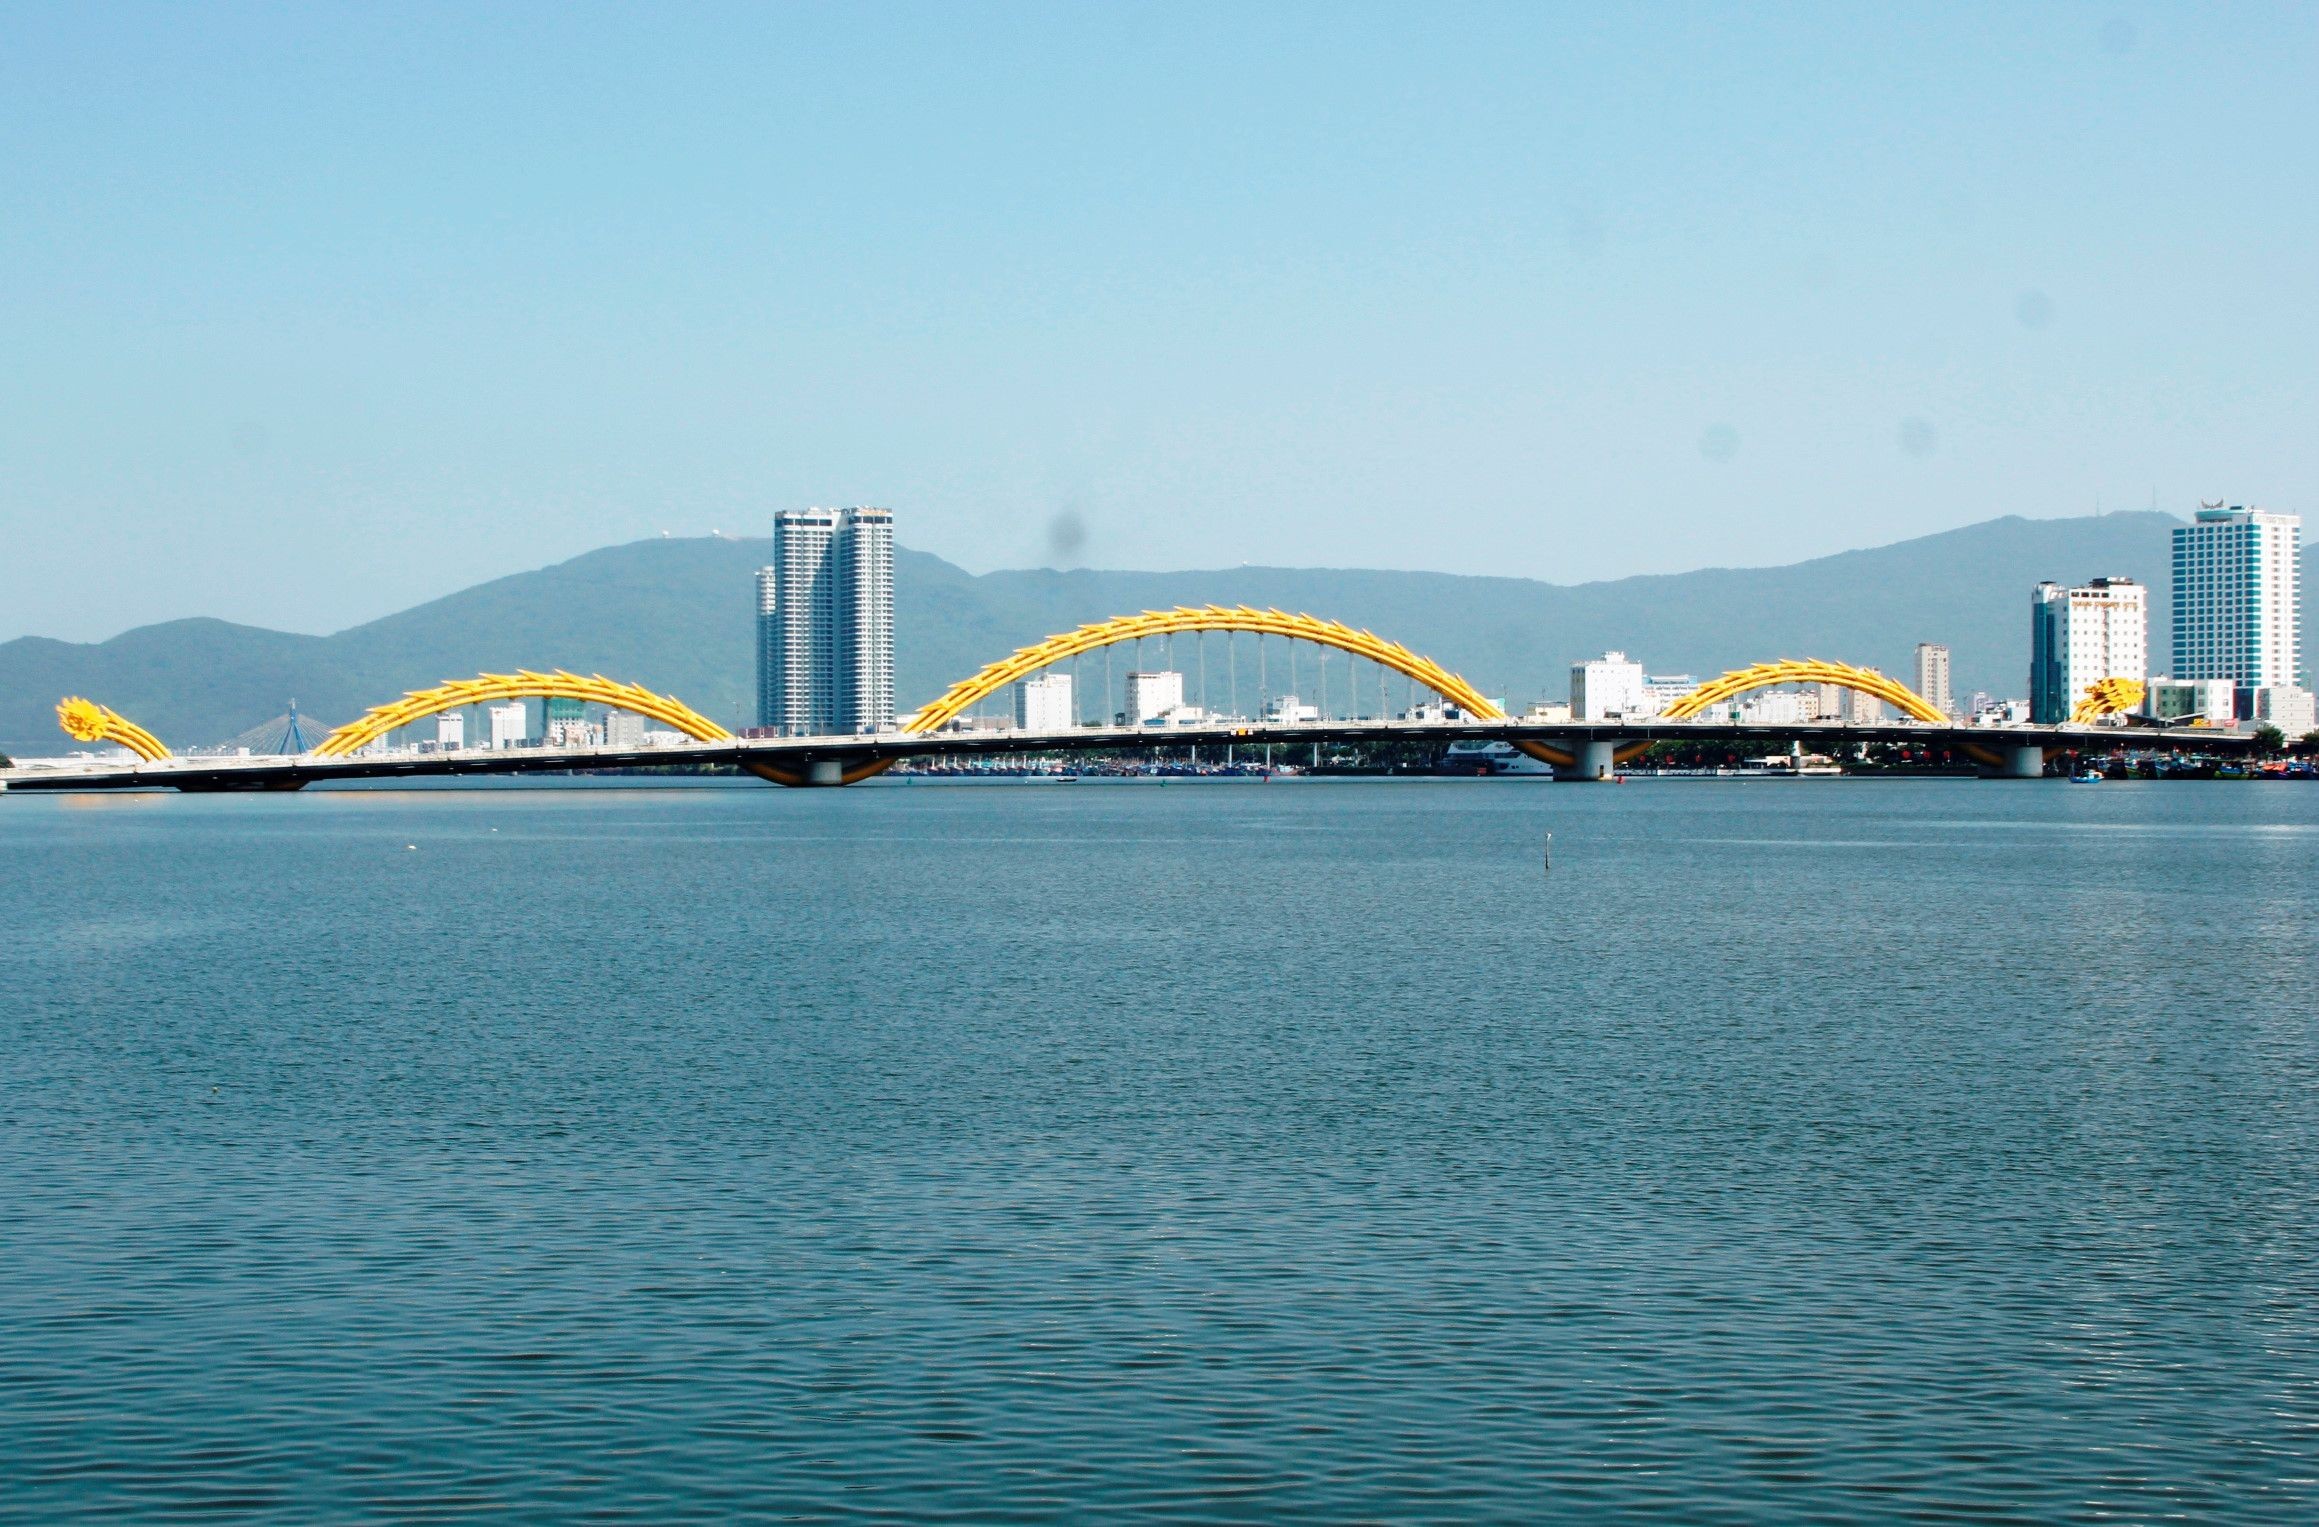 Cận cảnh khu đất tuyệt đẹp bên sông Hàn sắp thành phố đi bộ, chợ đêm Ảnh 8